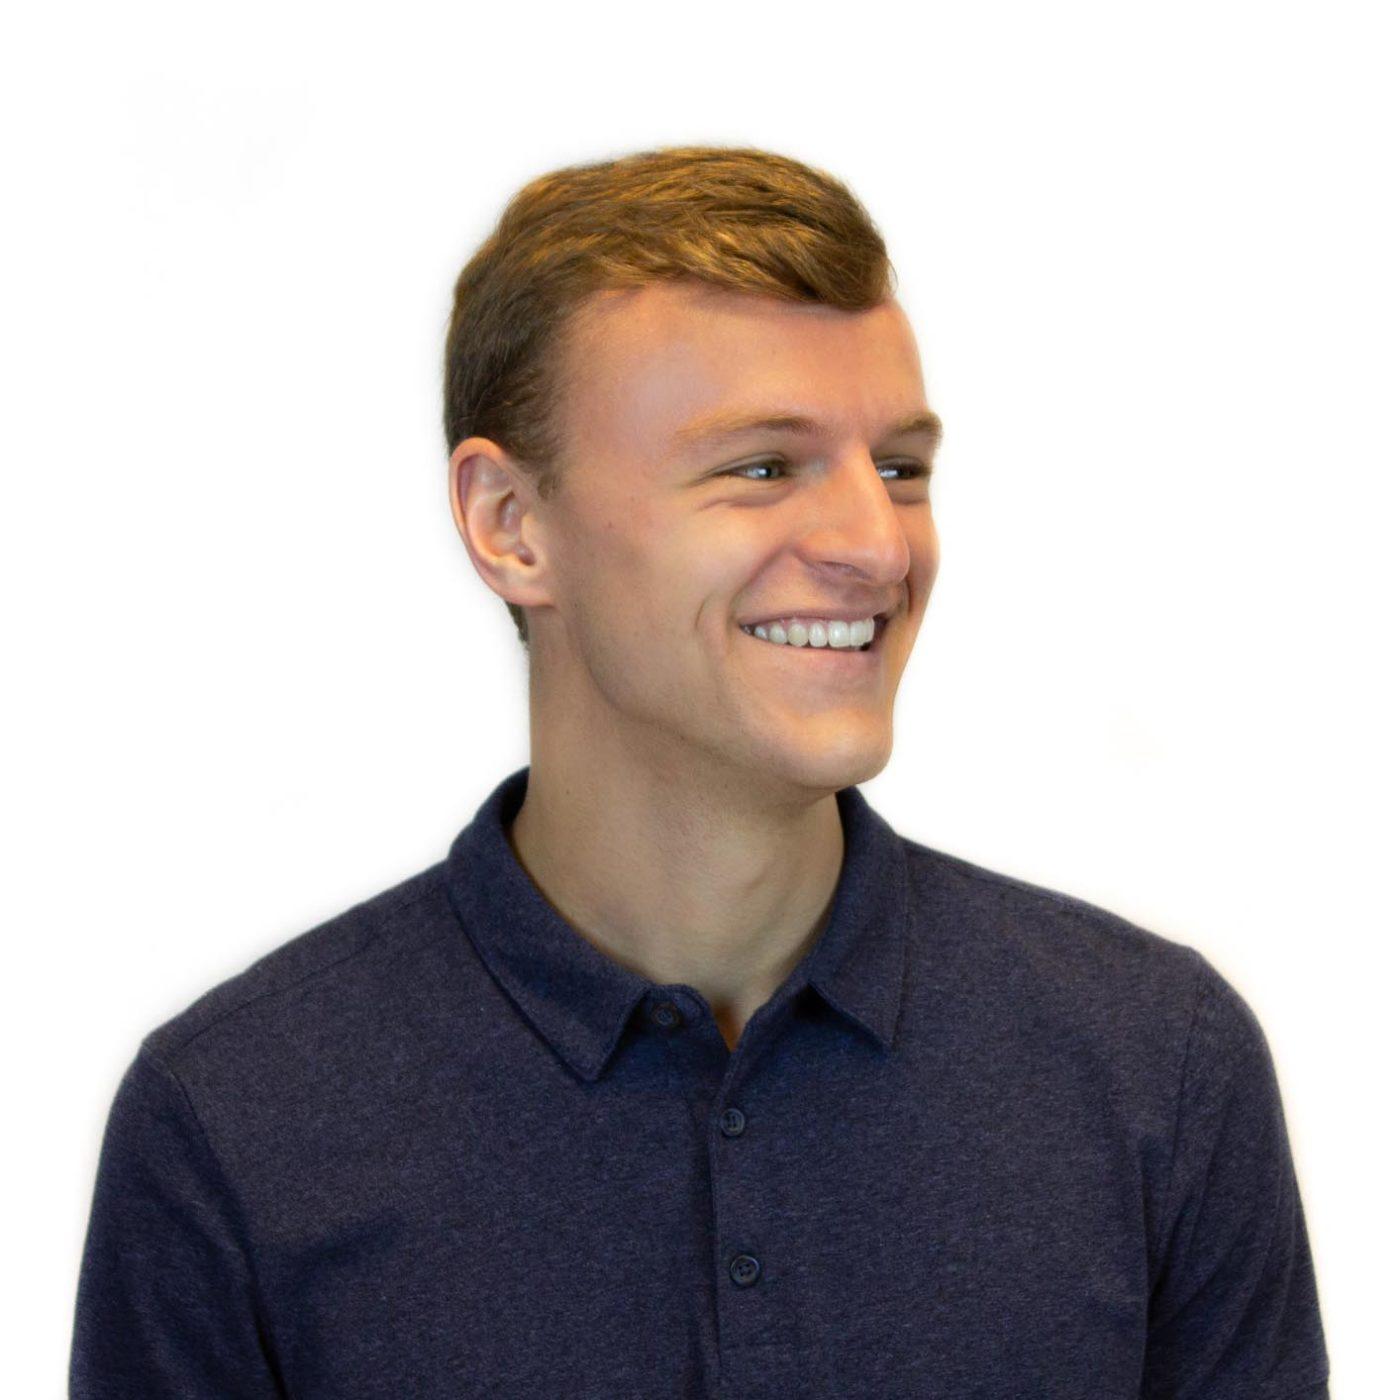 Headshot of Chris Nothnick